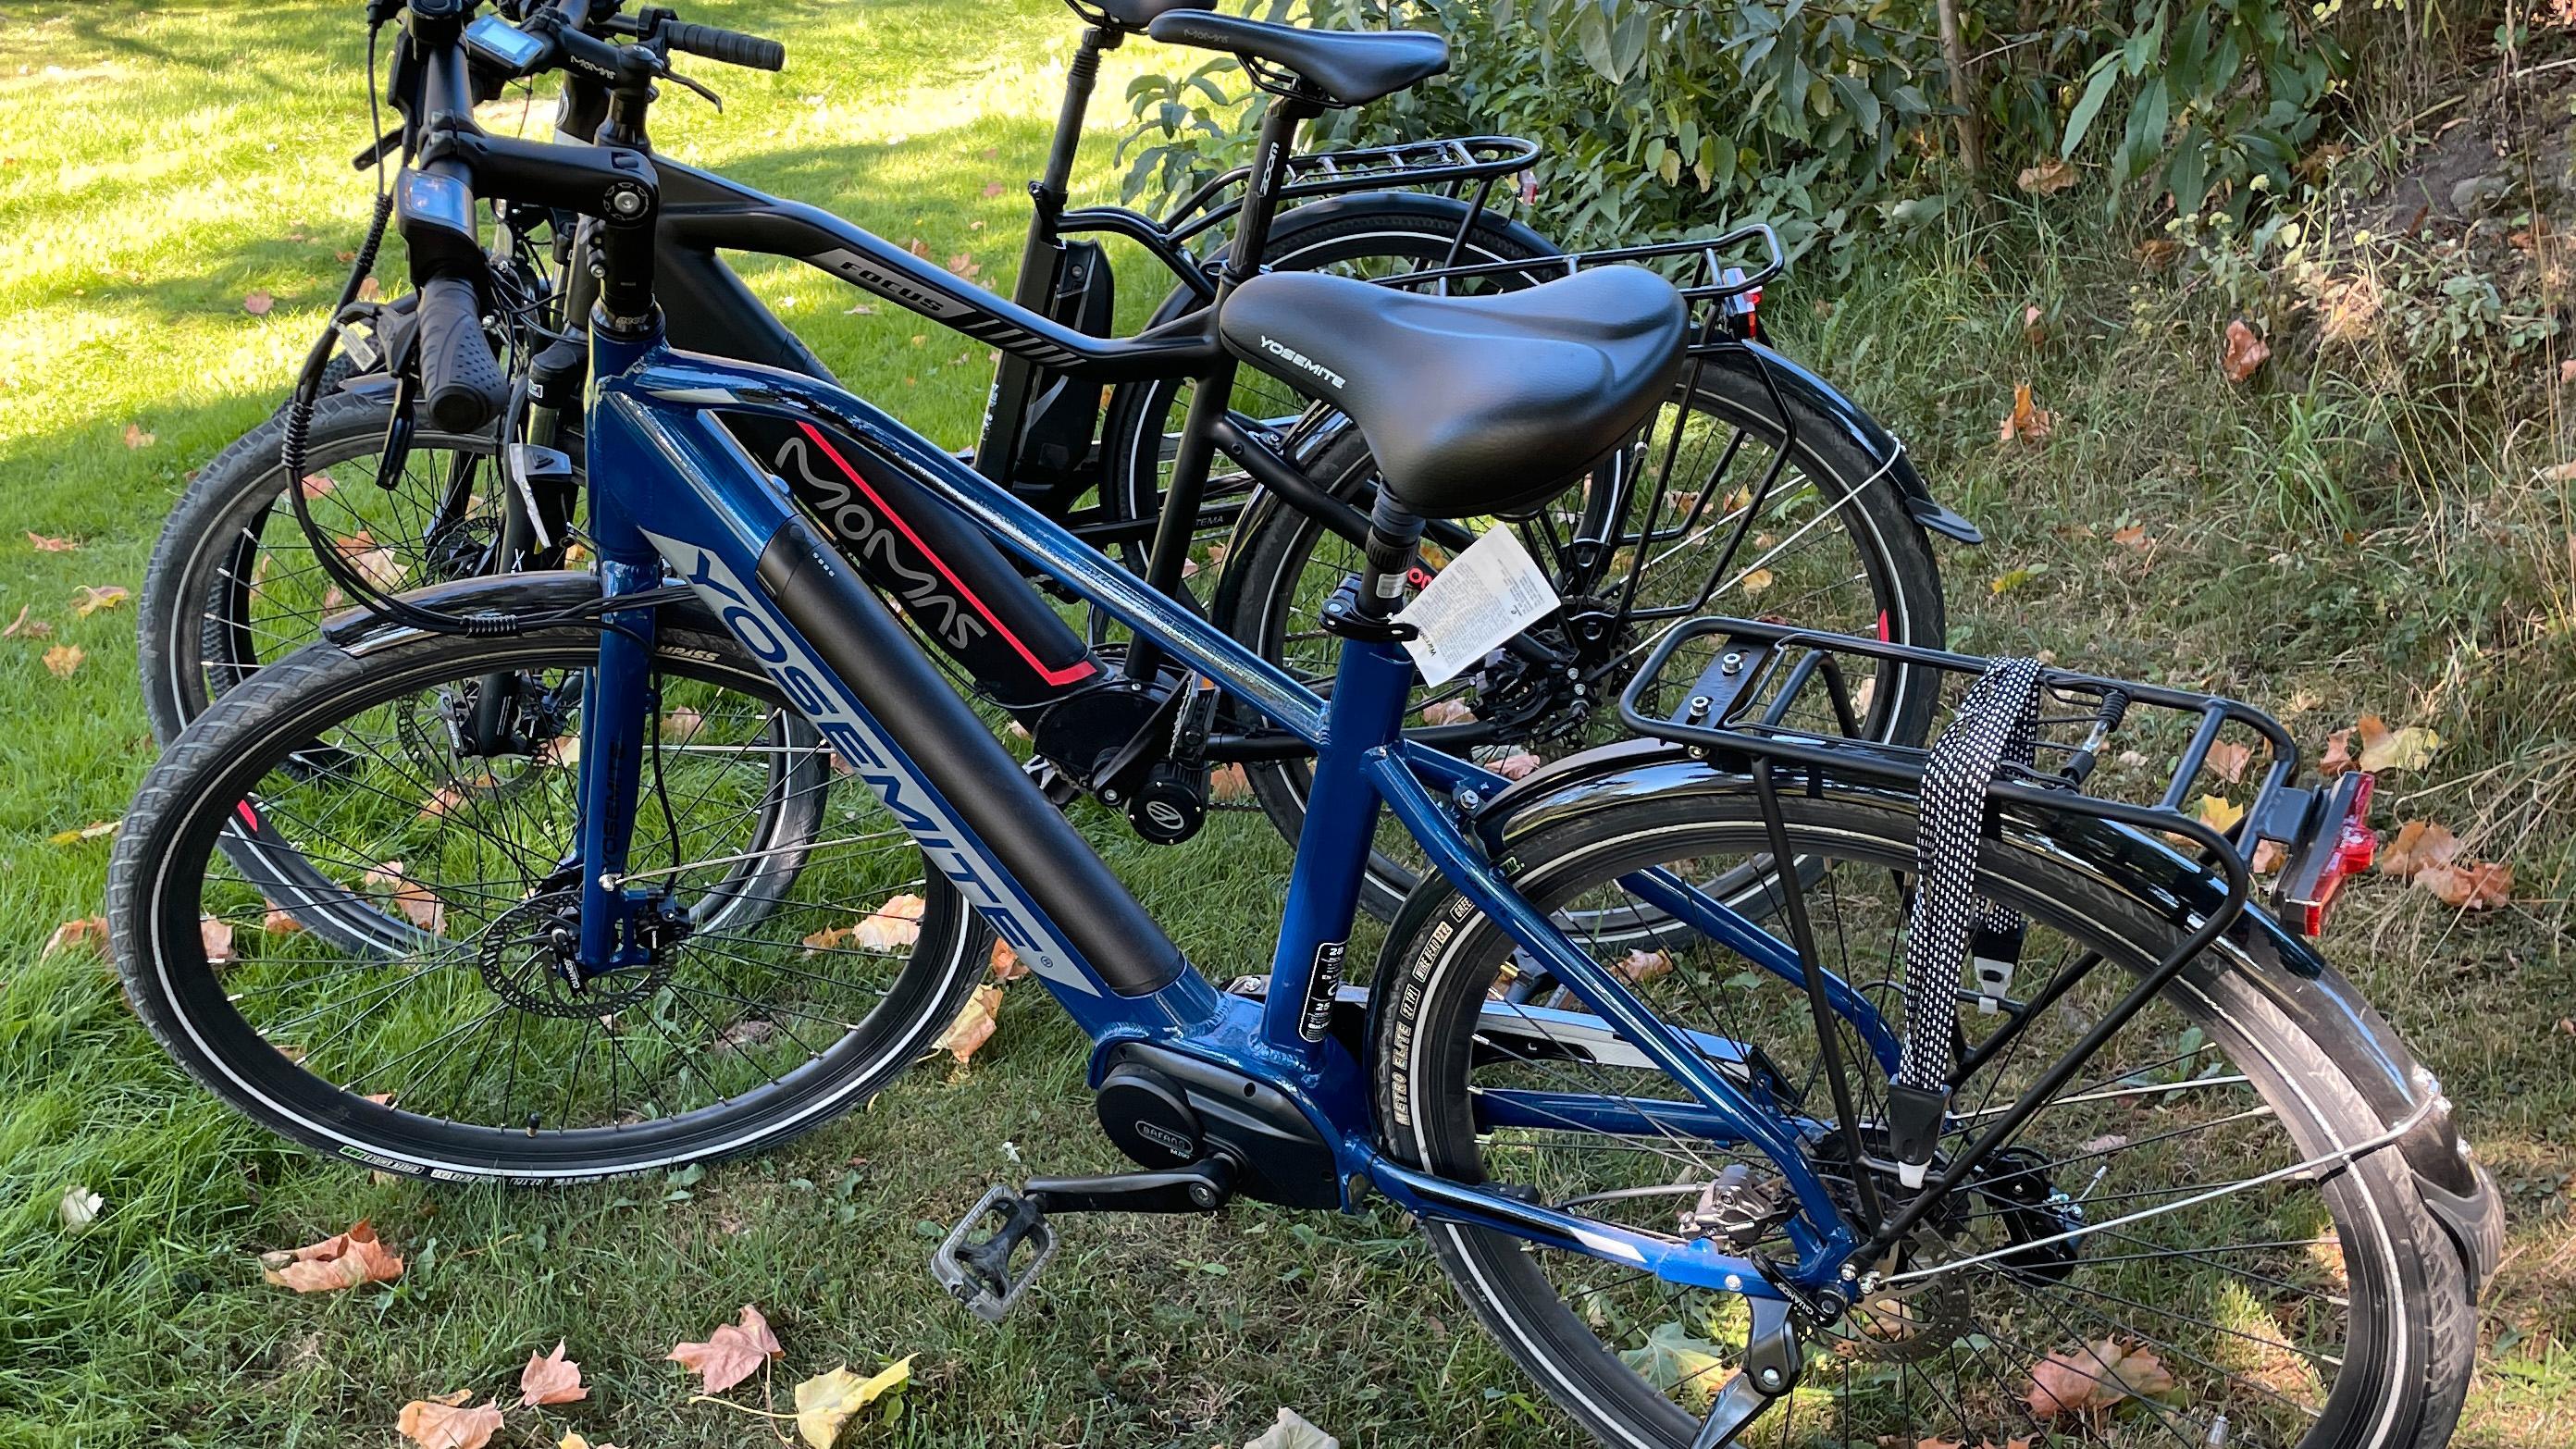 Man kan diskutere om sykkelsetet på den billigste Biltema-sykkelen er mer sykkelsadel eller krakk. Men det er heldigvis en relativt billig ting å bytte ut - og mange som ikke sykler så ofte liker større seter bedre enn svært smale. Ingen av testerne satte pris på dette setet.